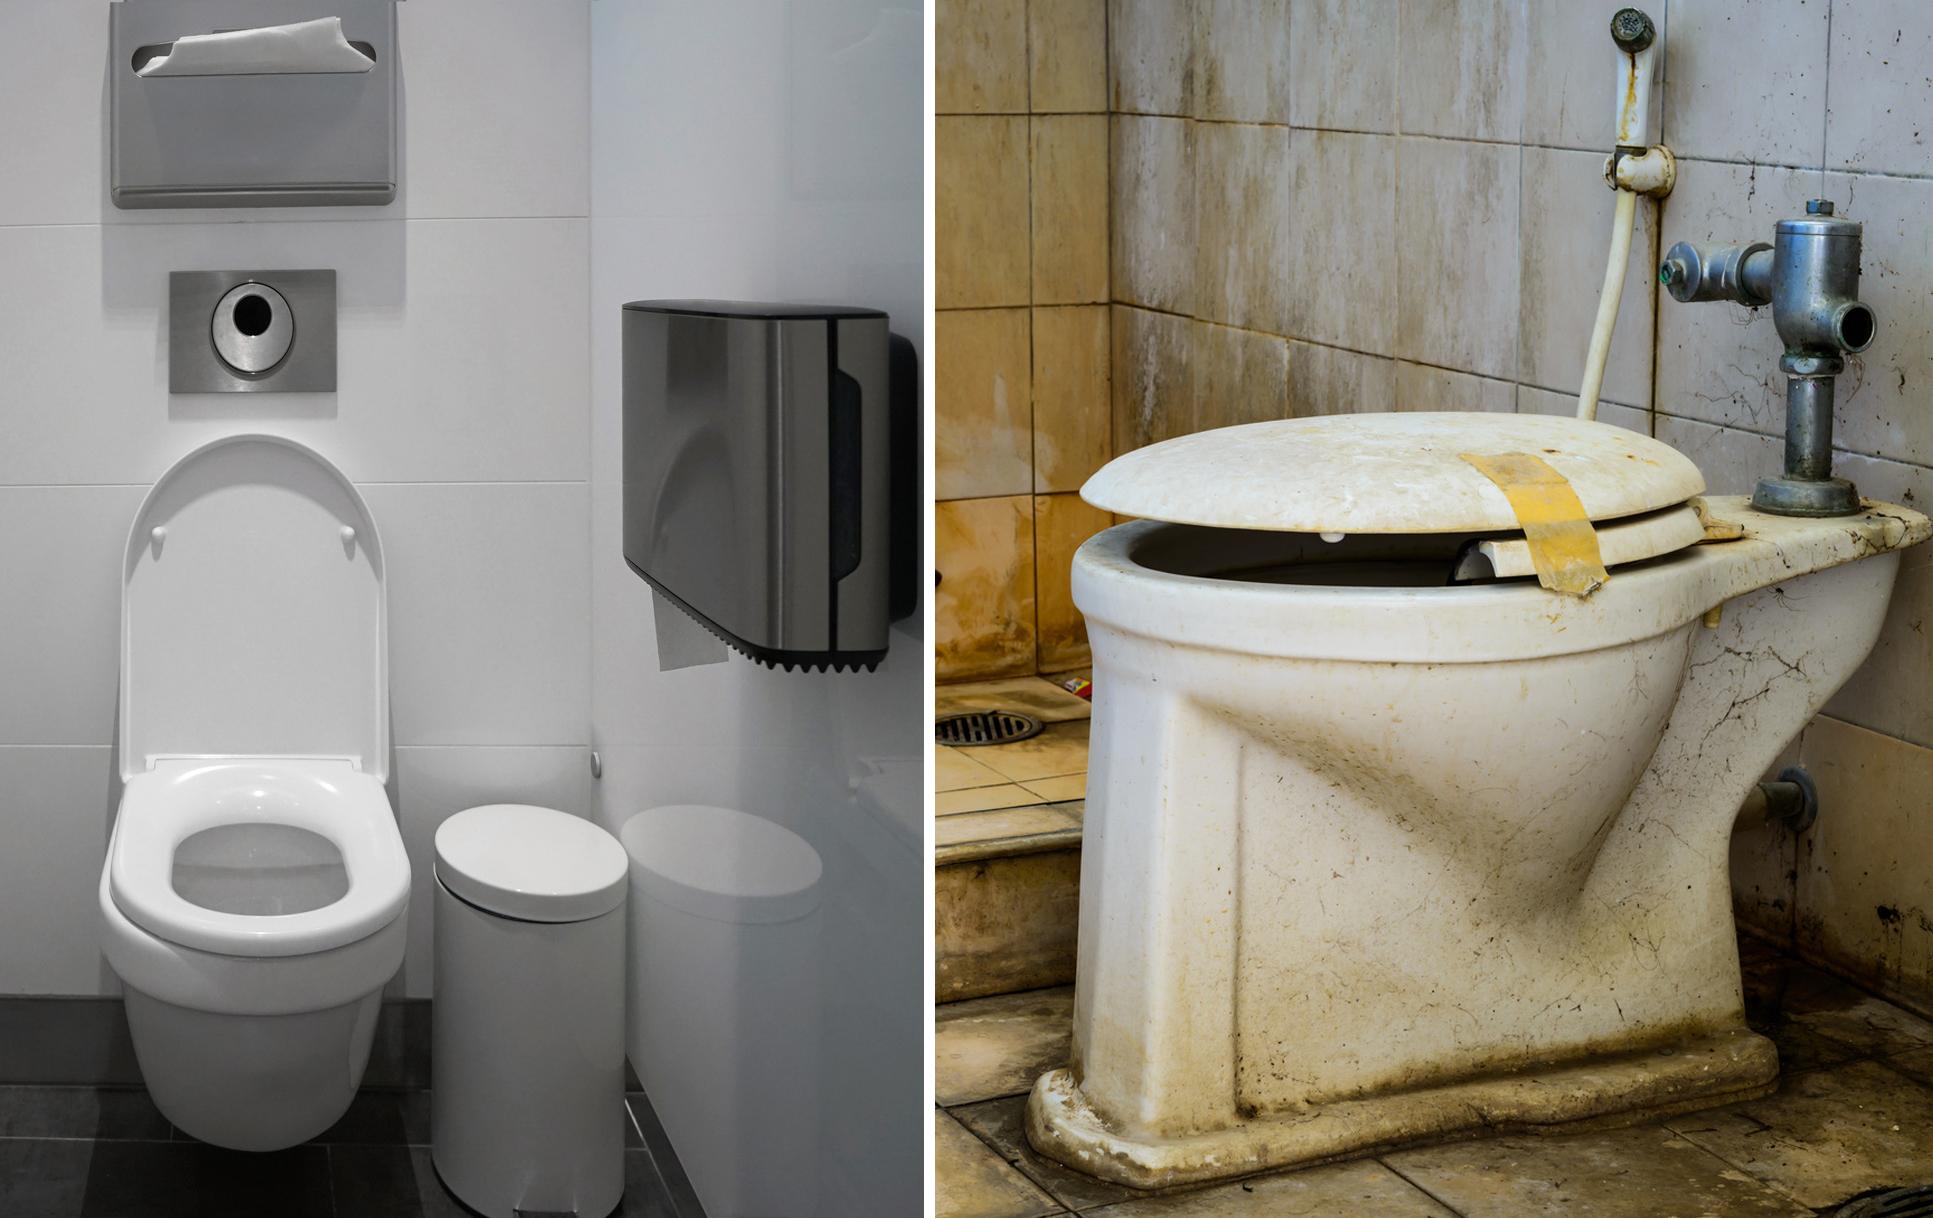 Waschräume ausreiben Öffentliche Waschraum